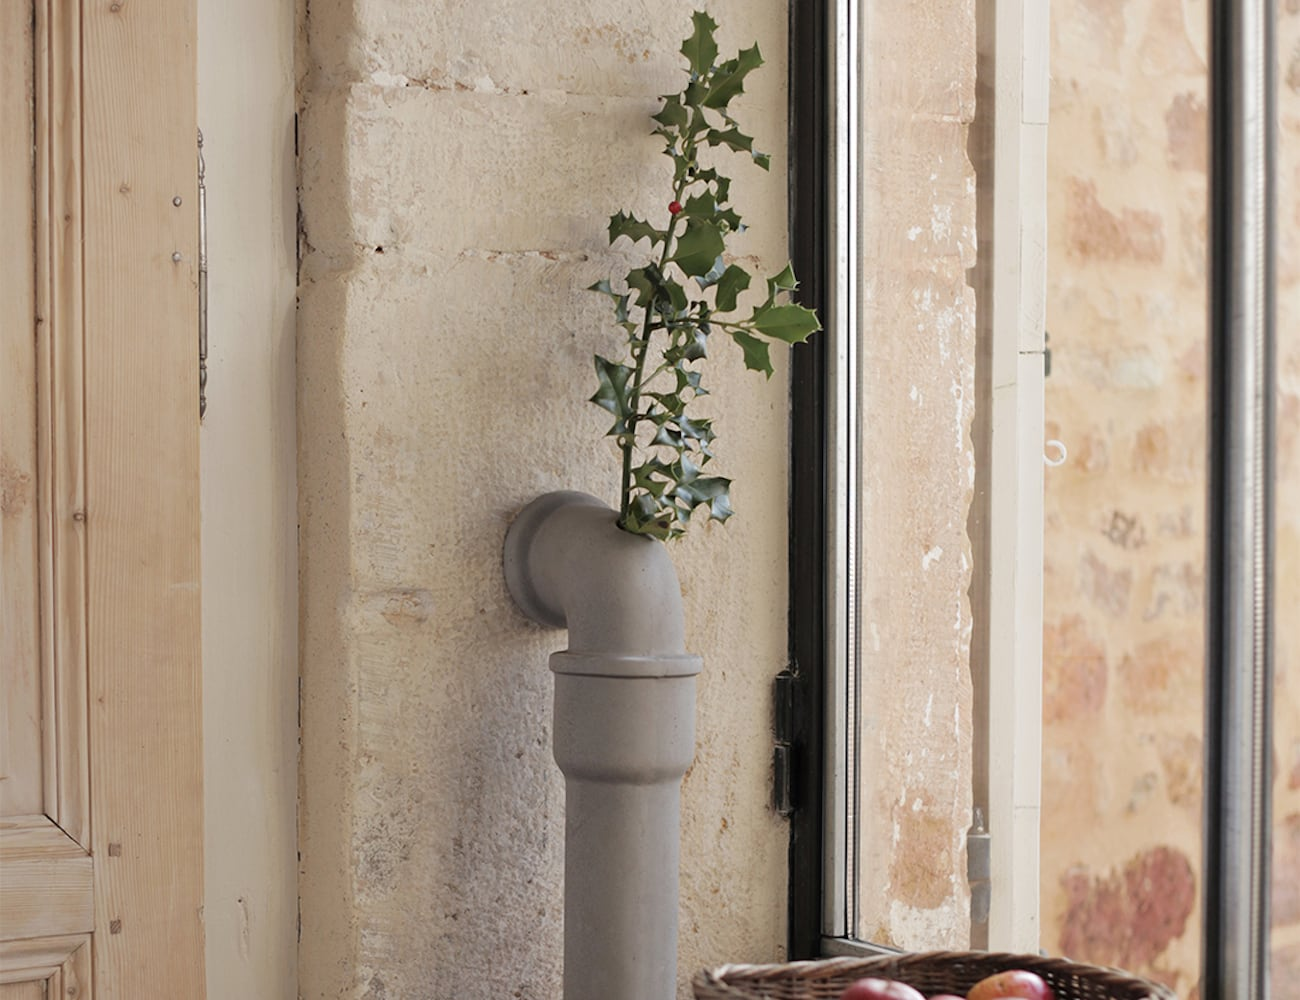 Lyon Béton Urban Garden Concrete Vases